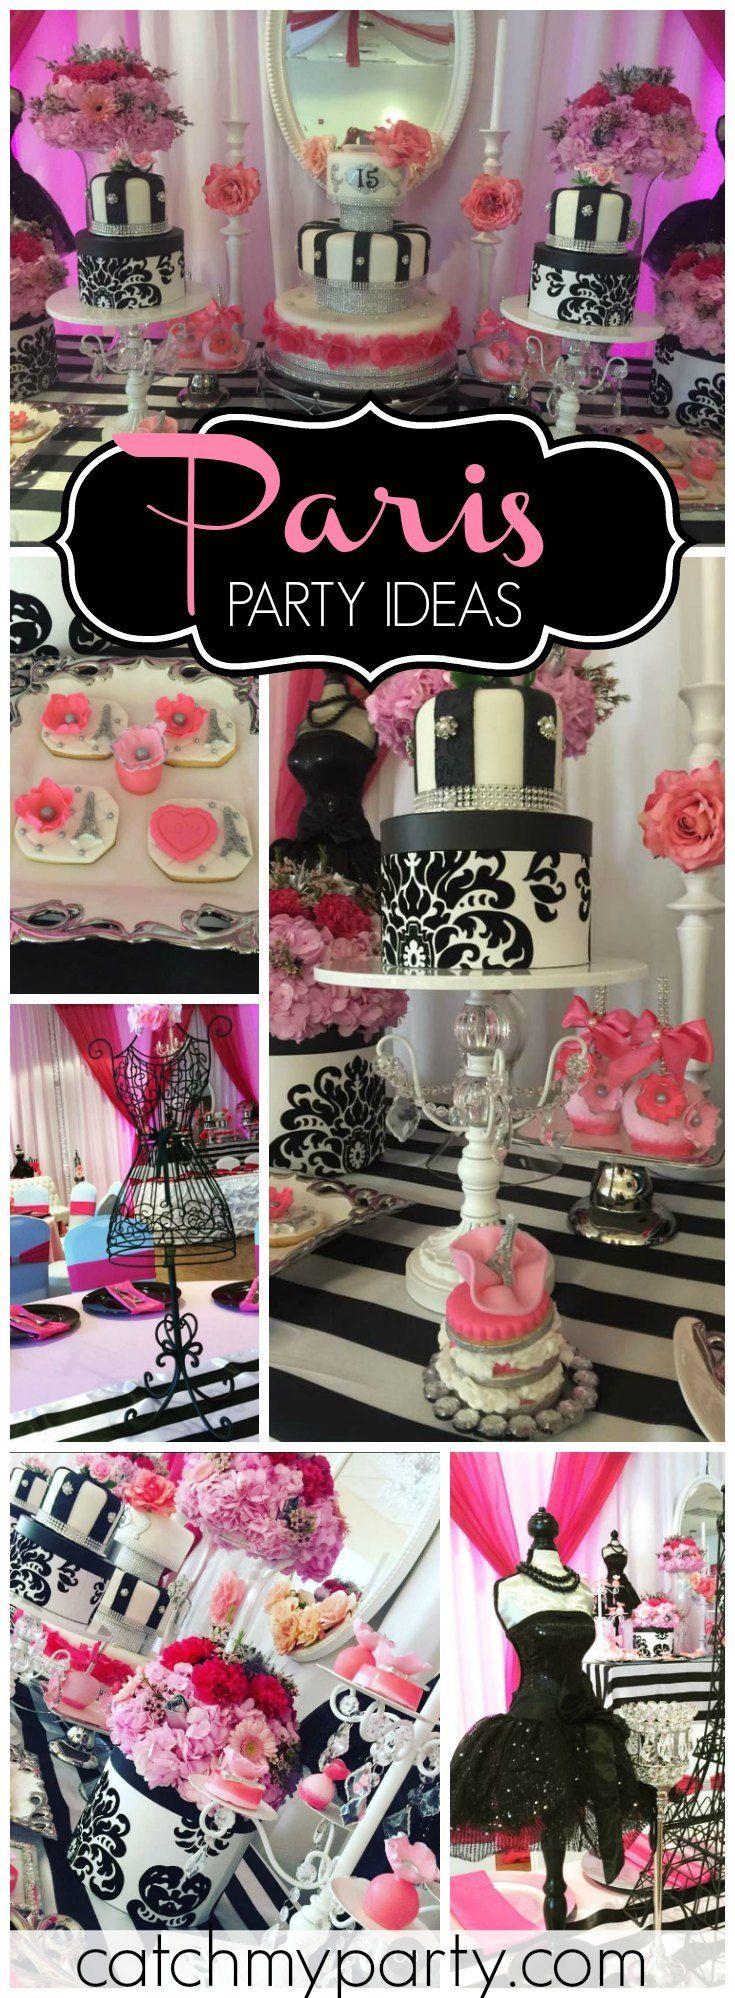 269 best paris images on Pinterest | Paris party, Paris theme and ...